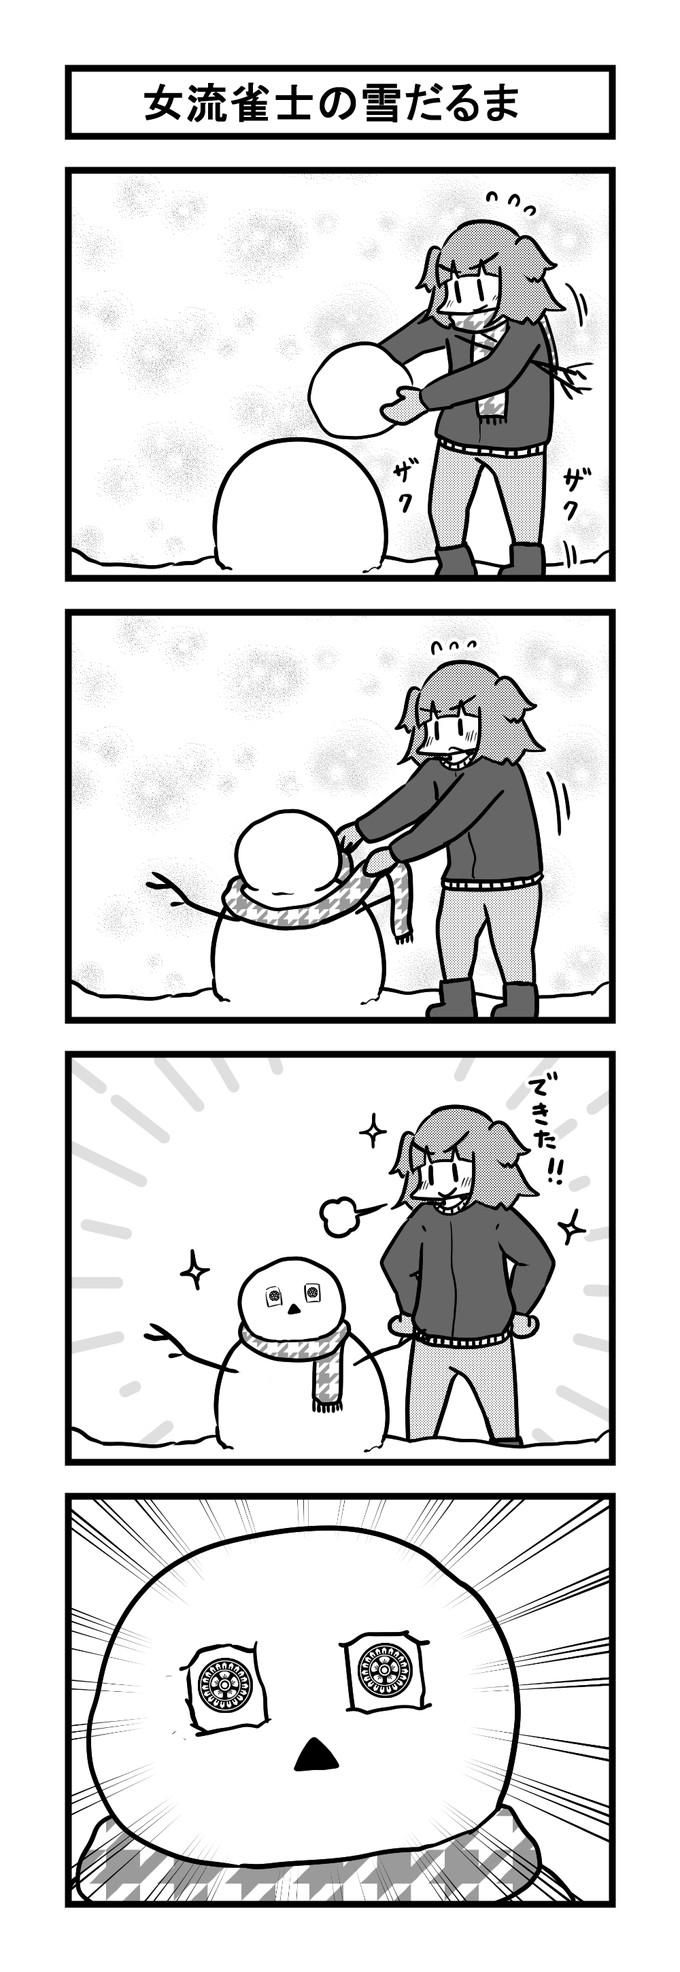 985女流雀士の雪だるま-min